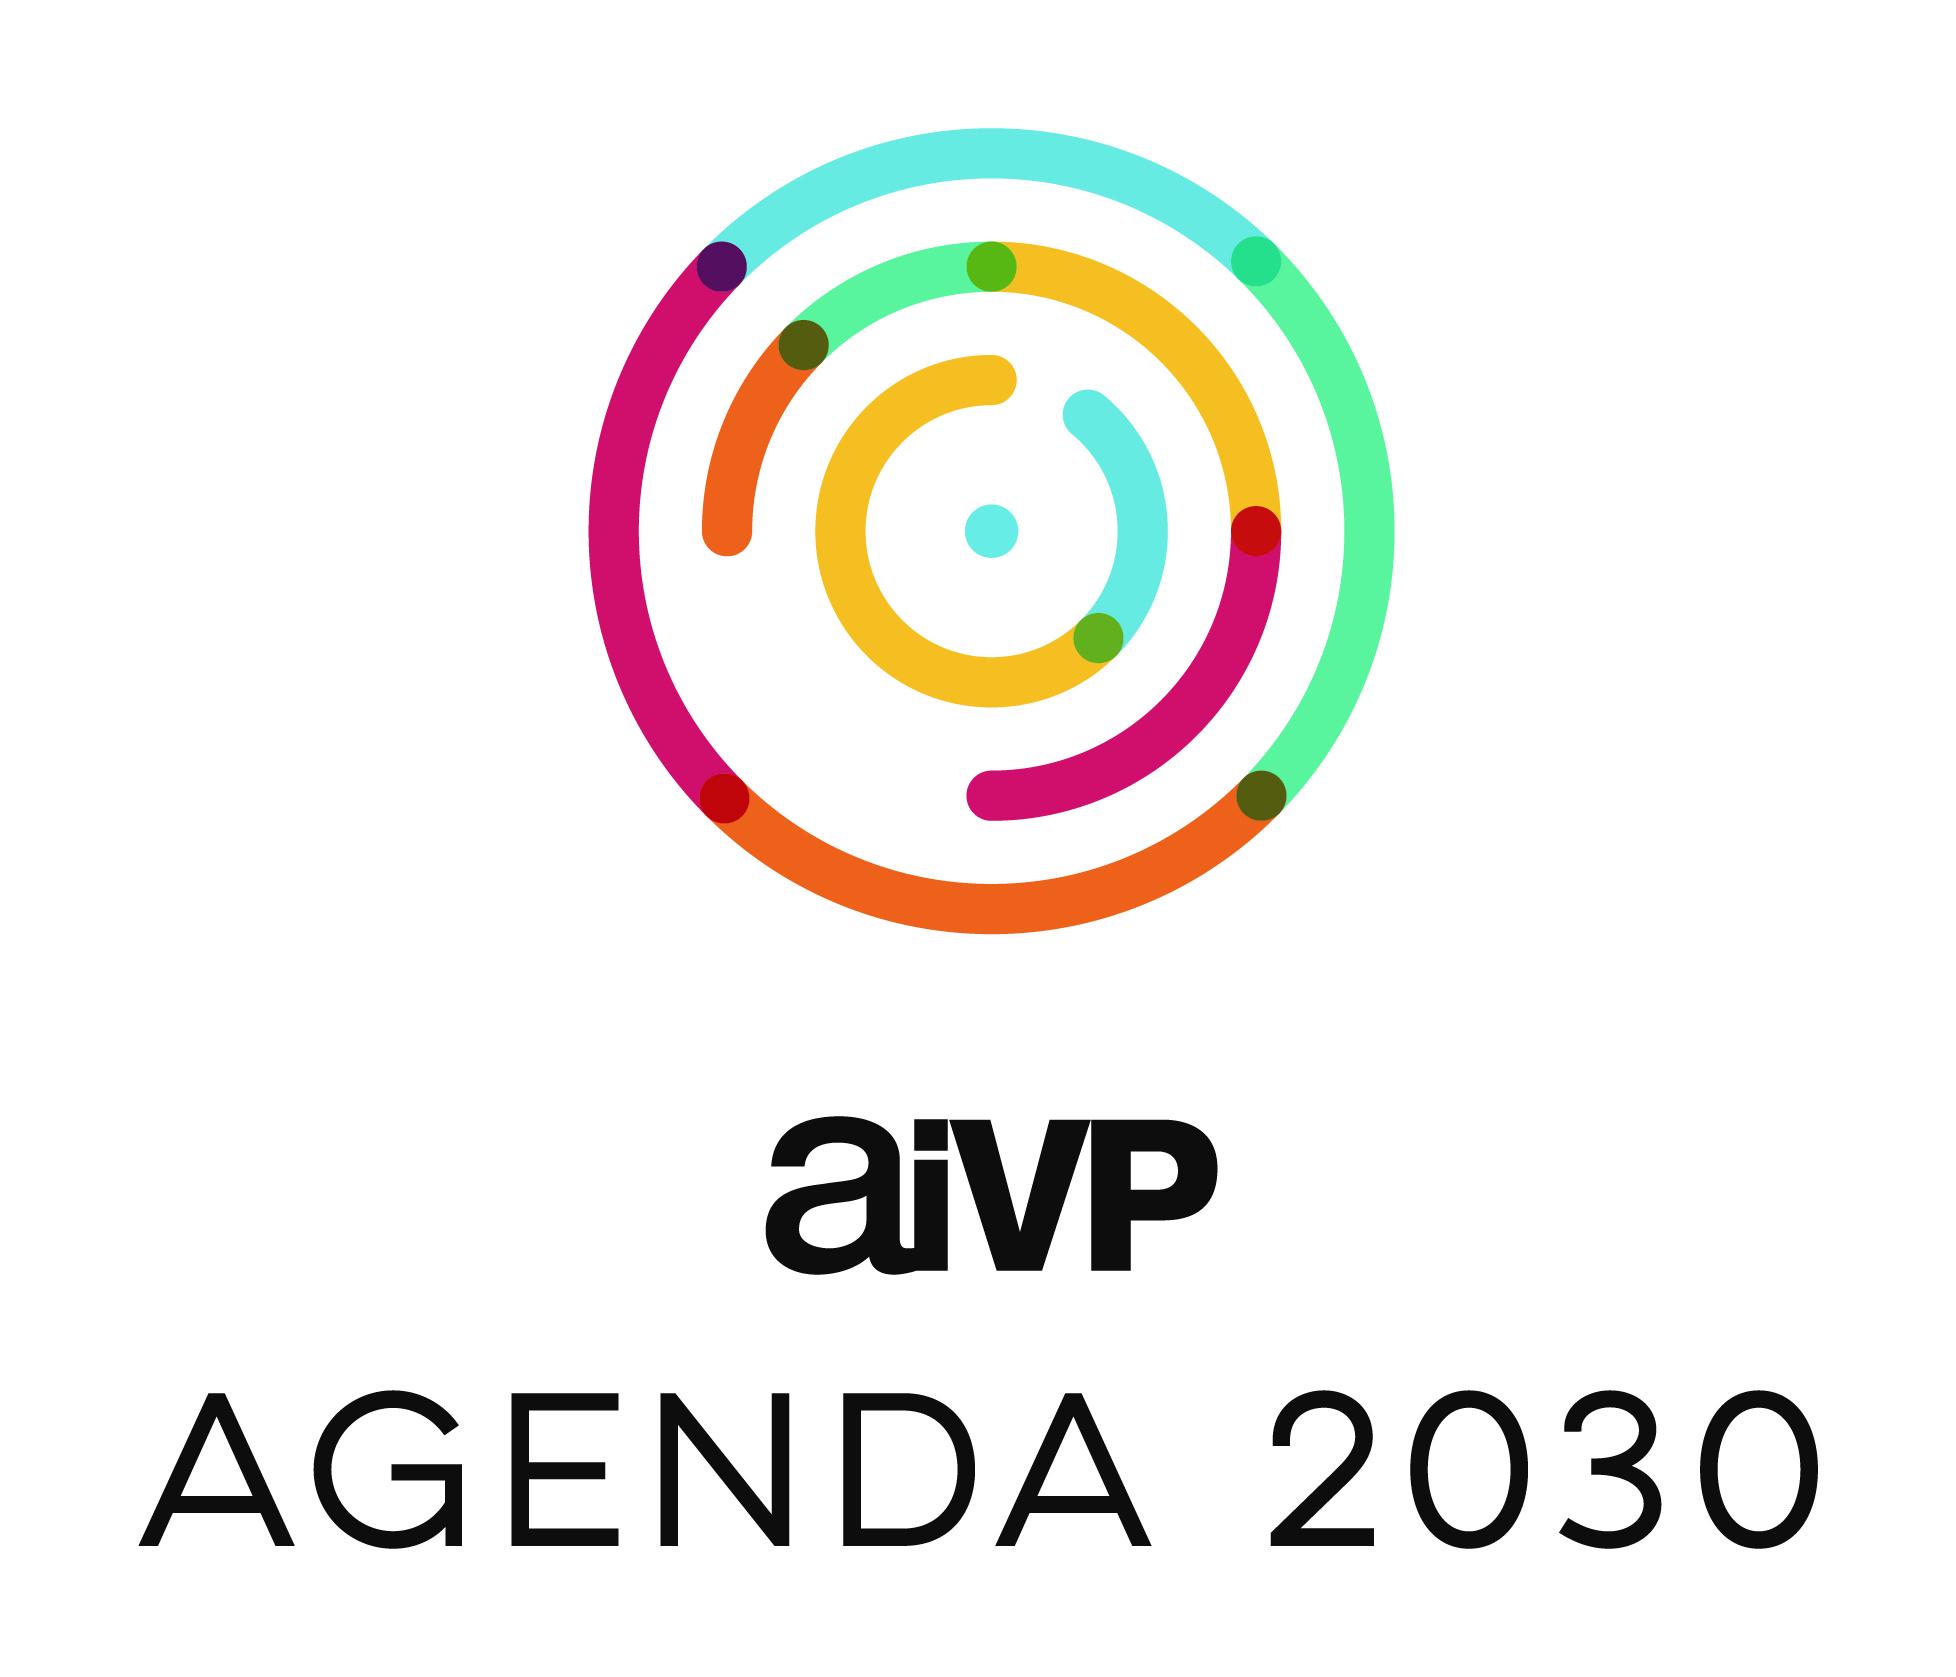 Logo Agenda 2030 AIVP